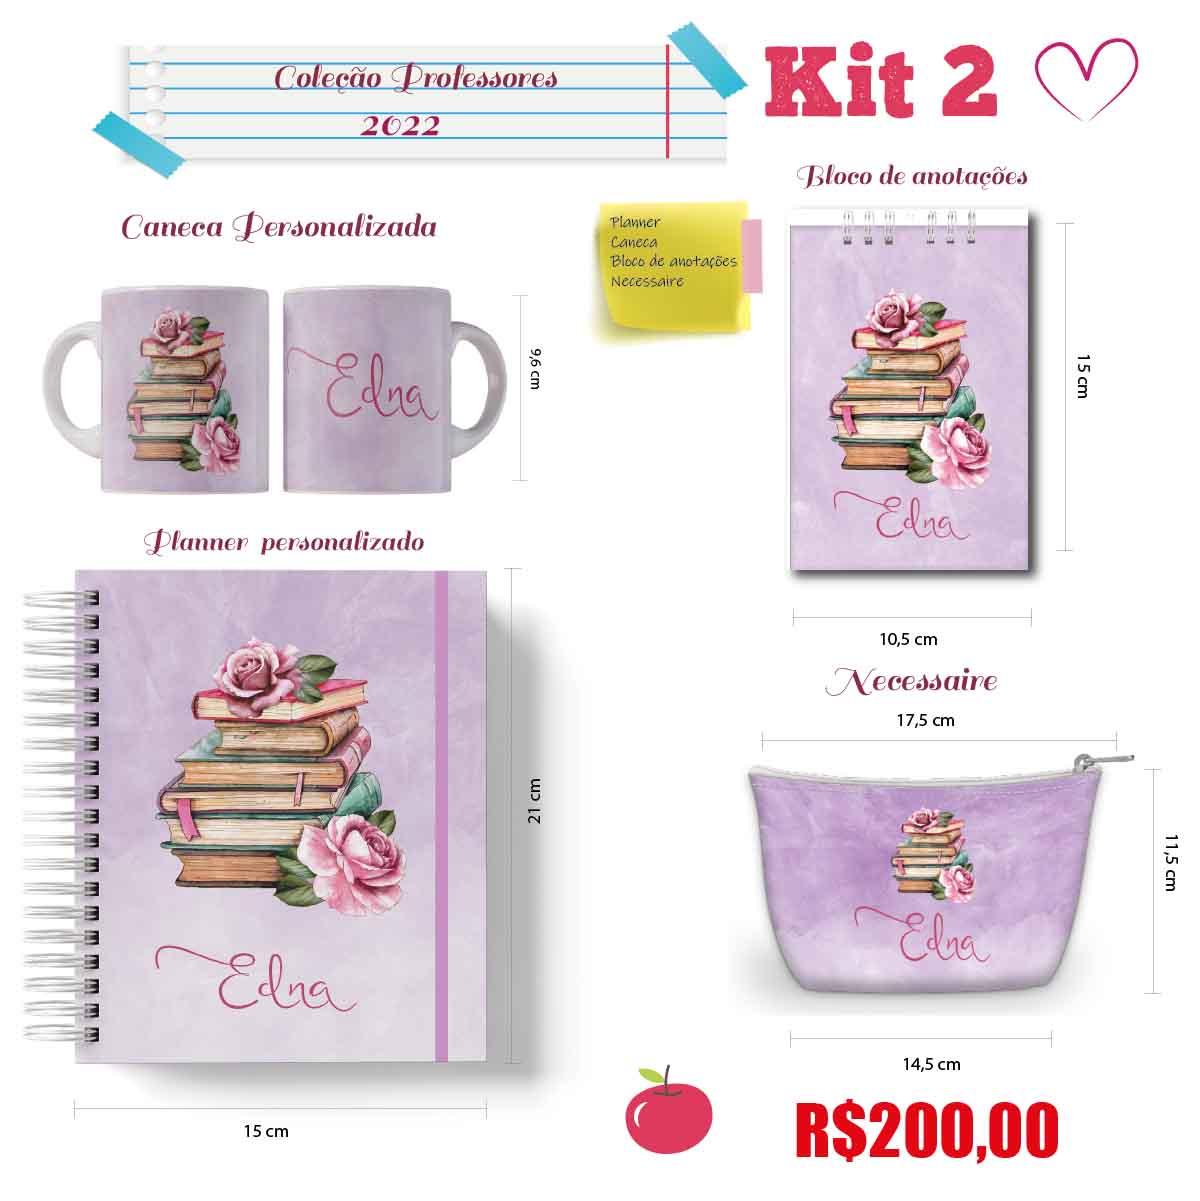 Kit Professora 2